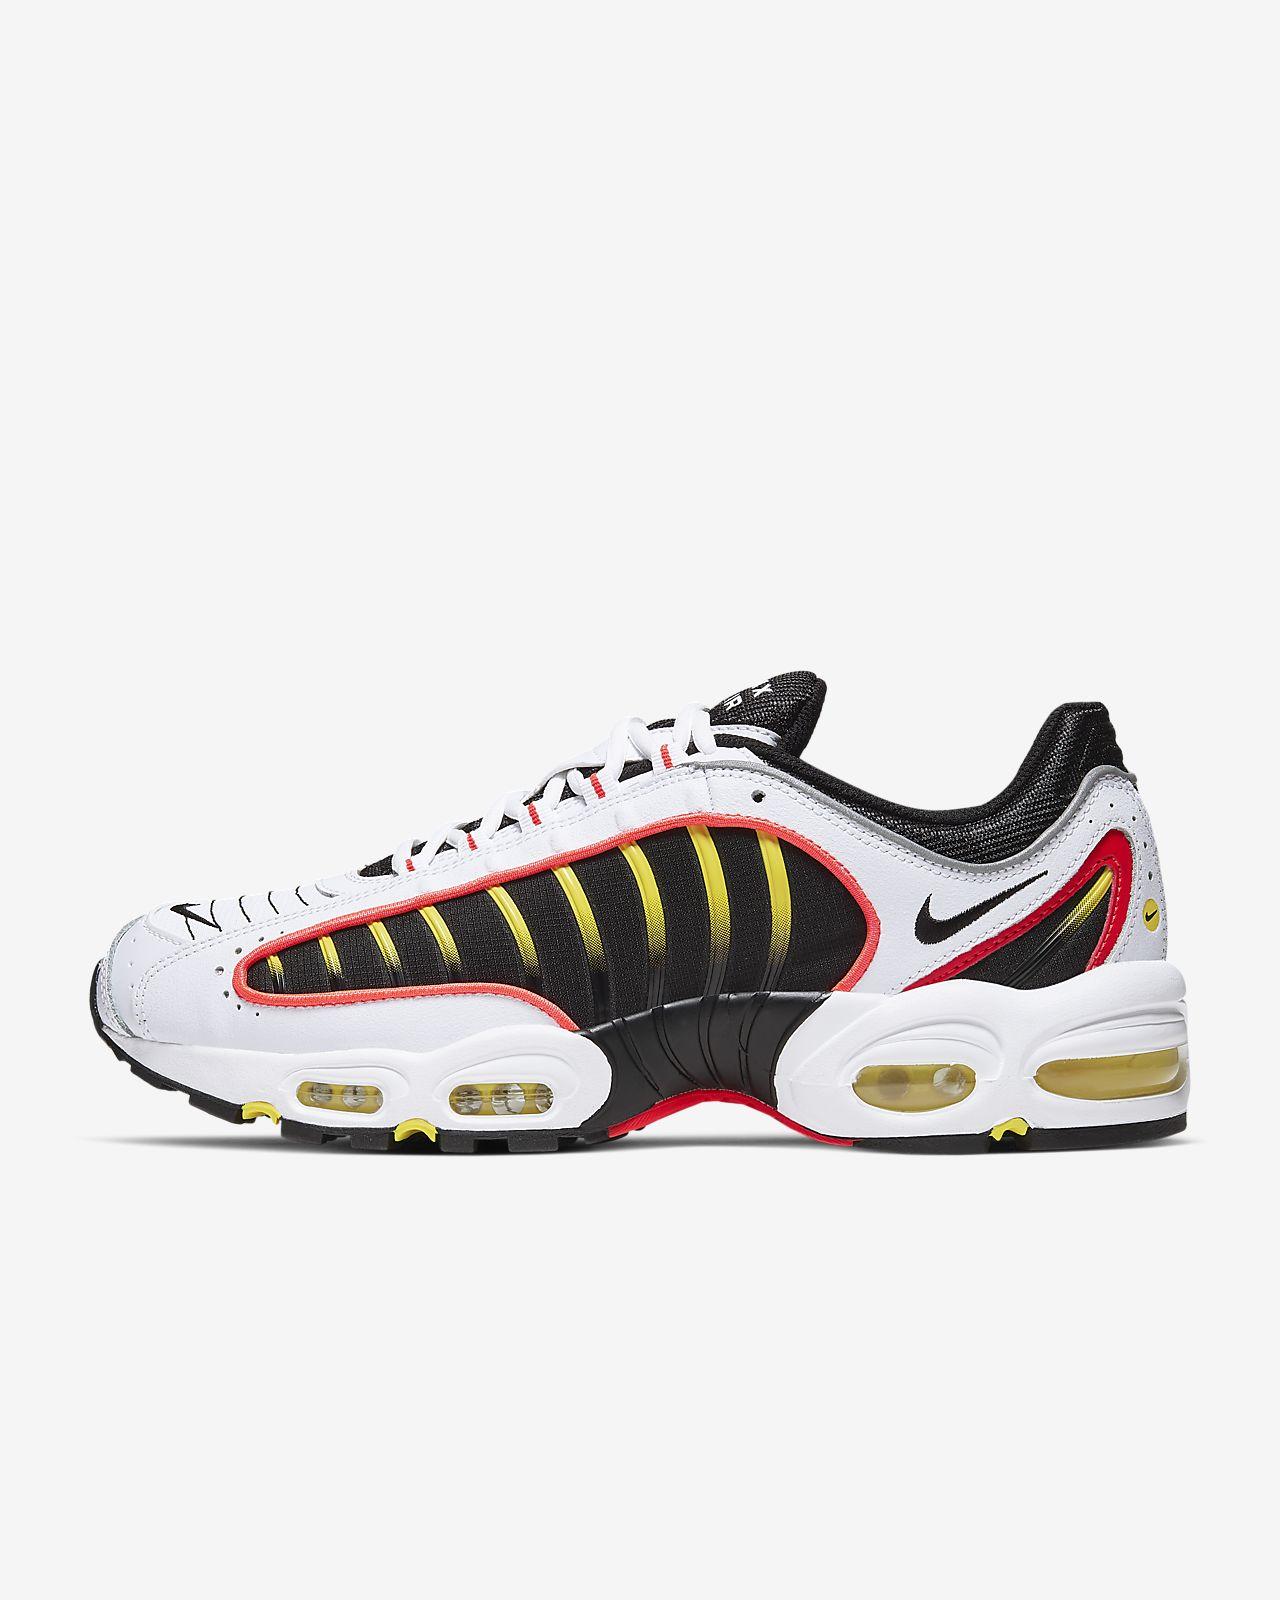 Air Max Sequent 2 Grigio Uomo | Sneakers Nike ⋆ GaeFerrara